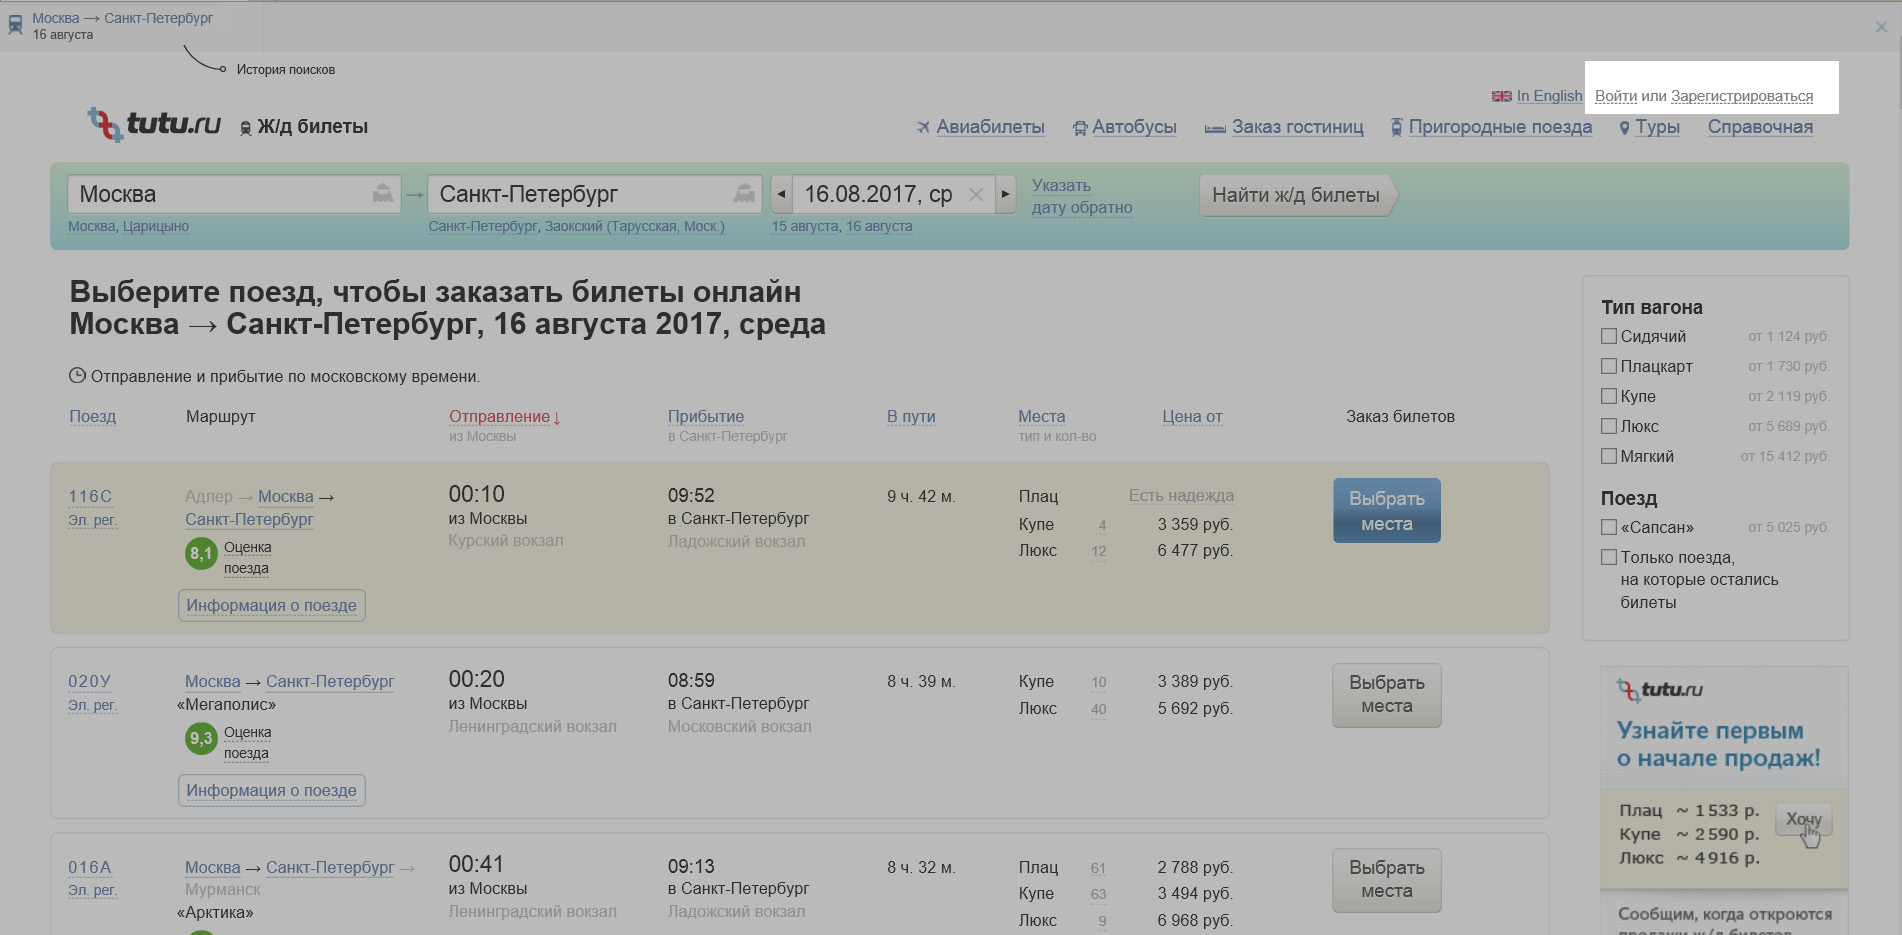 Сайт петербургской сбытовой компании личный кабинет